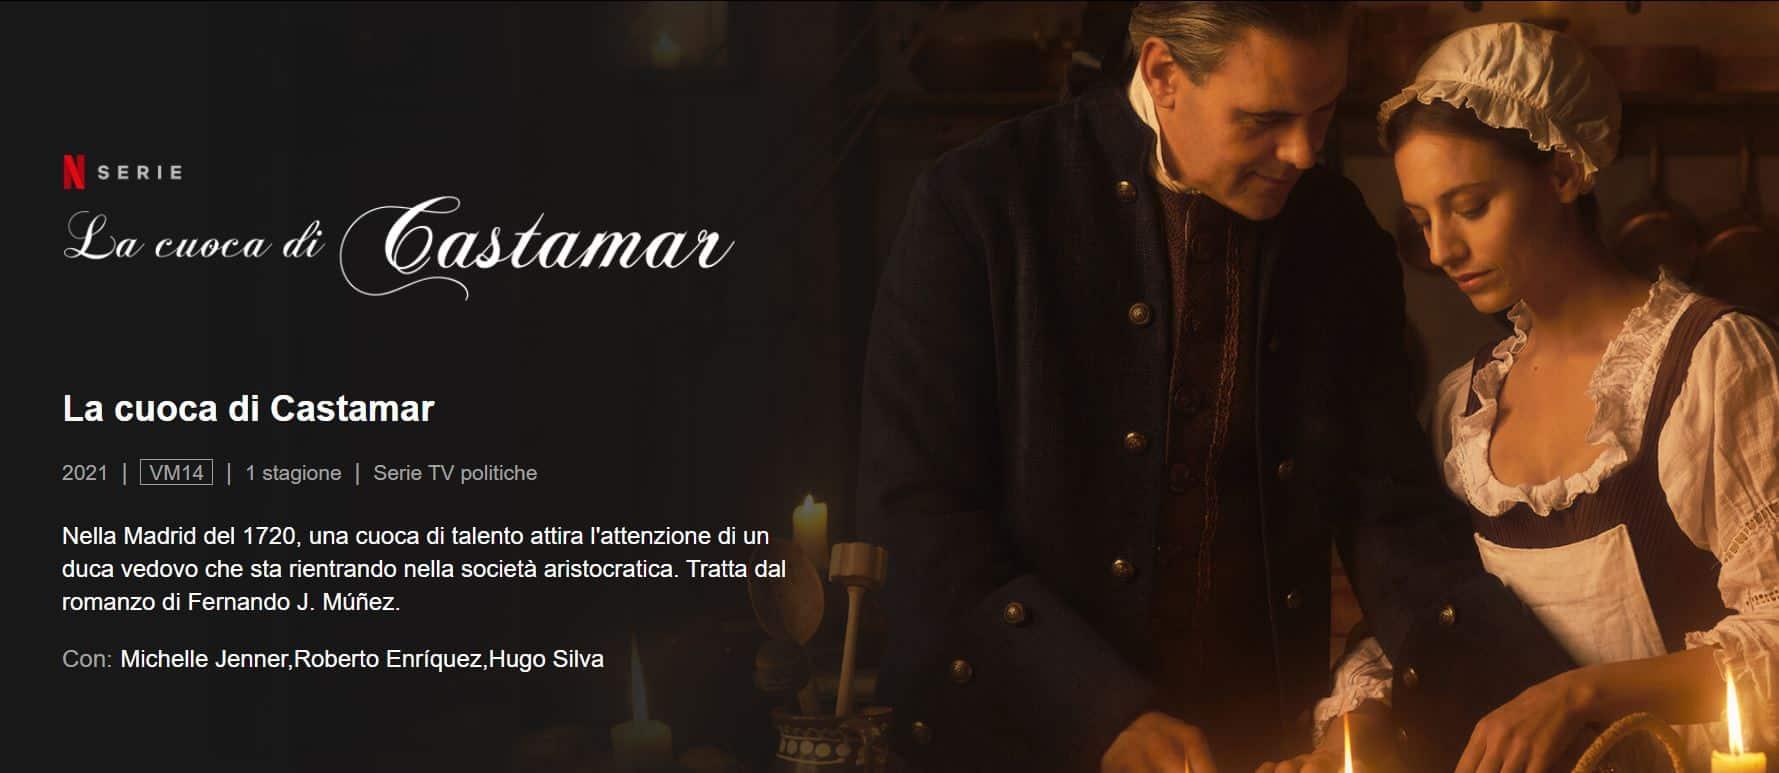 La cuoca di Castamar una bella serie in costume da vedere su Netflix